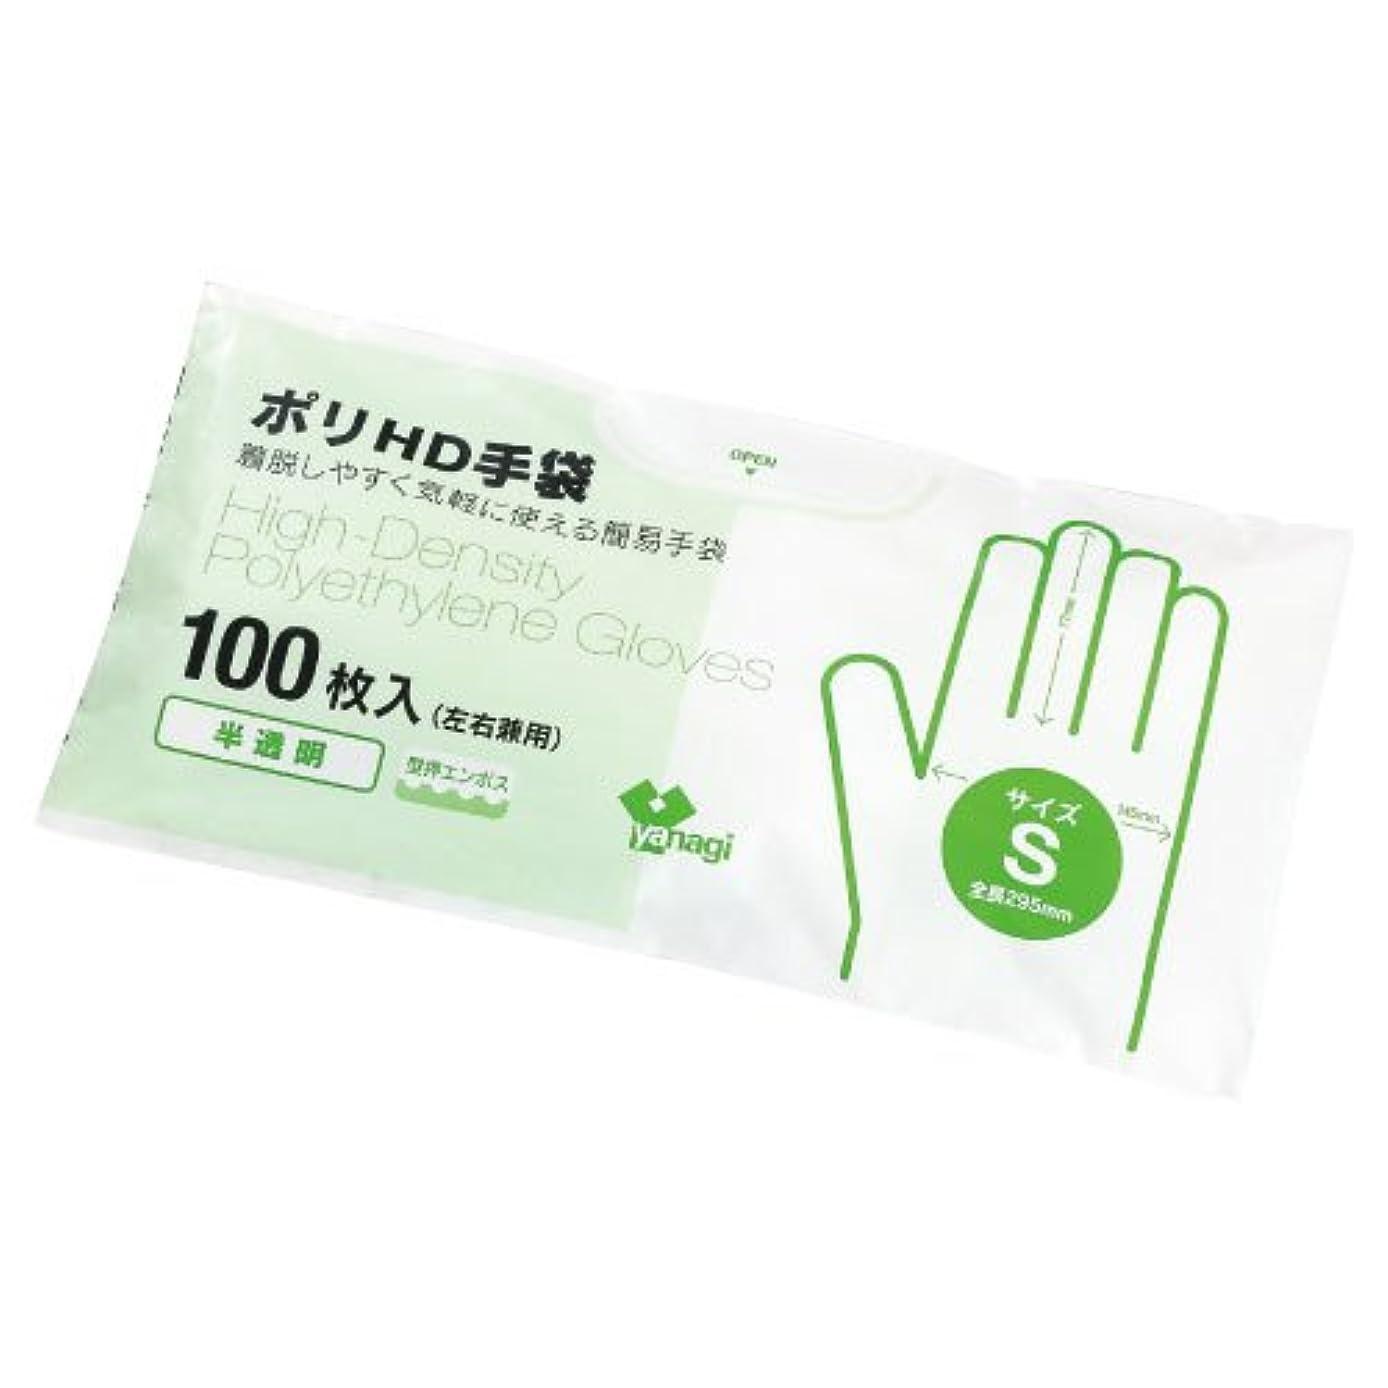 哺乳類満足クックポリHD手袋(半透明)型押エンボス TB-203(M)100???? ???HD???????????????(24-2575-01)【やなぎプロダクツ】[120袋単位]